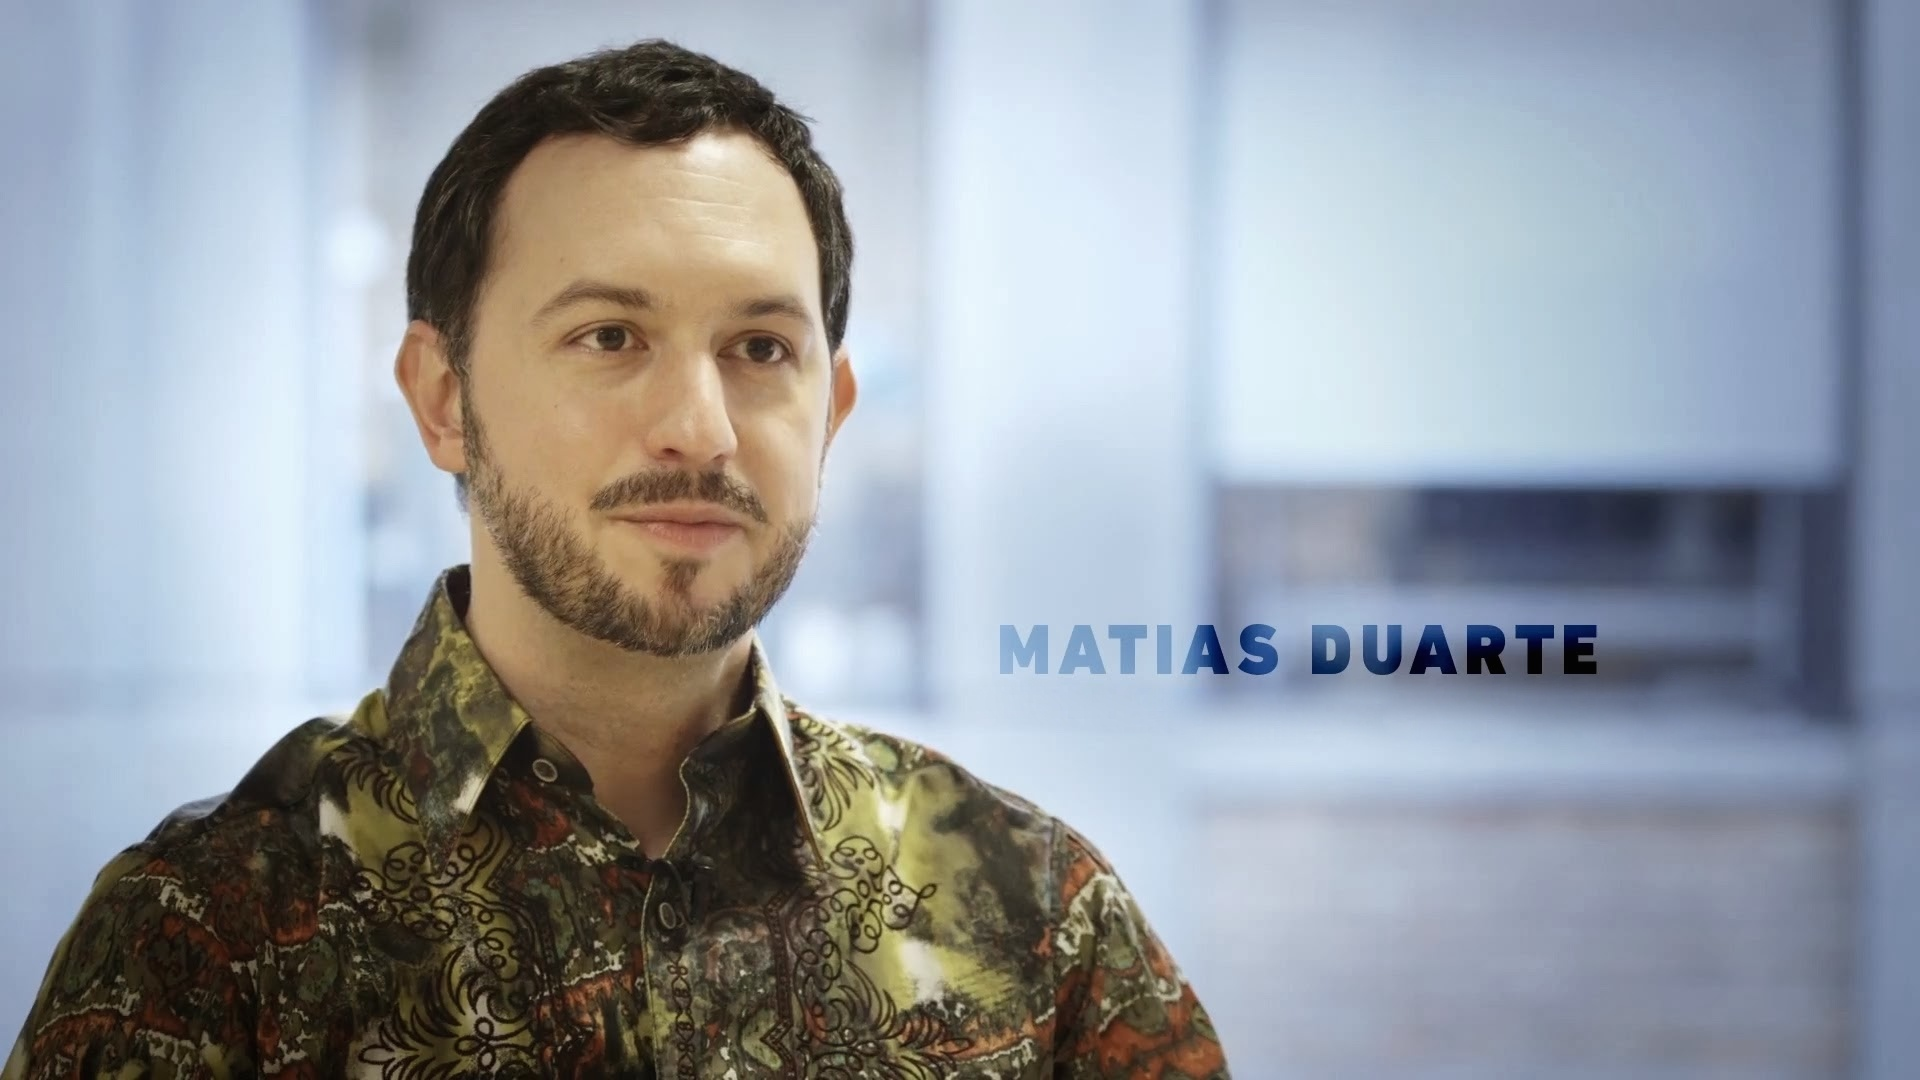 围观!Android首席设计师谈移动与软件设计